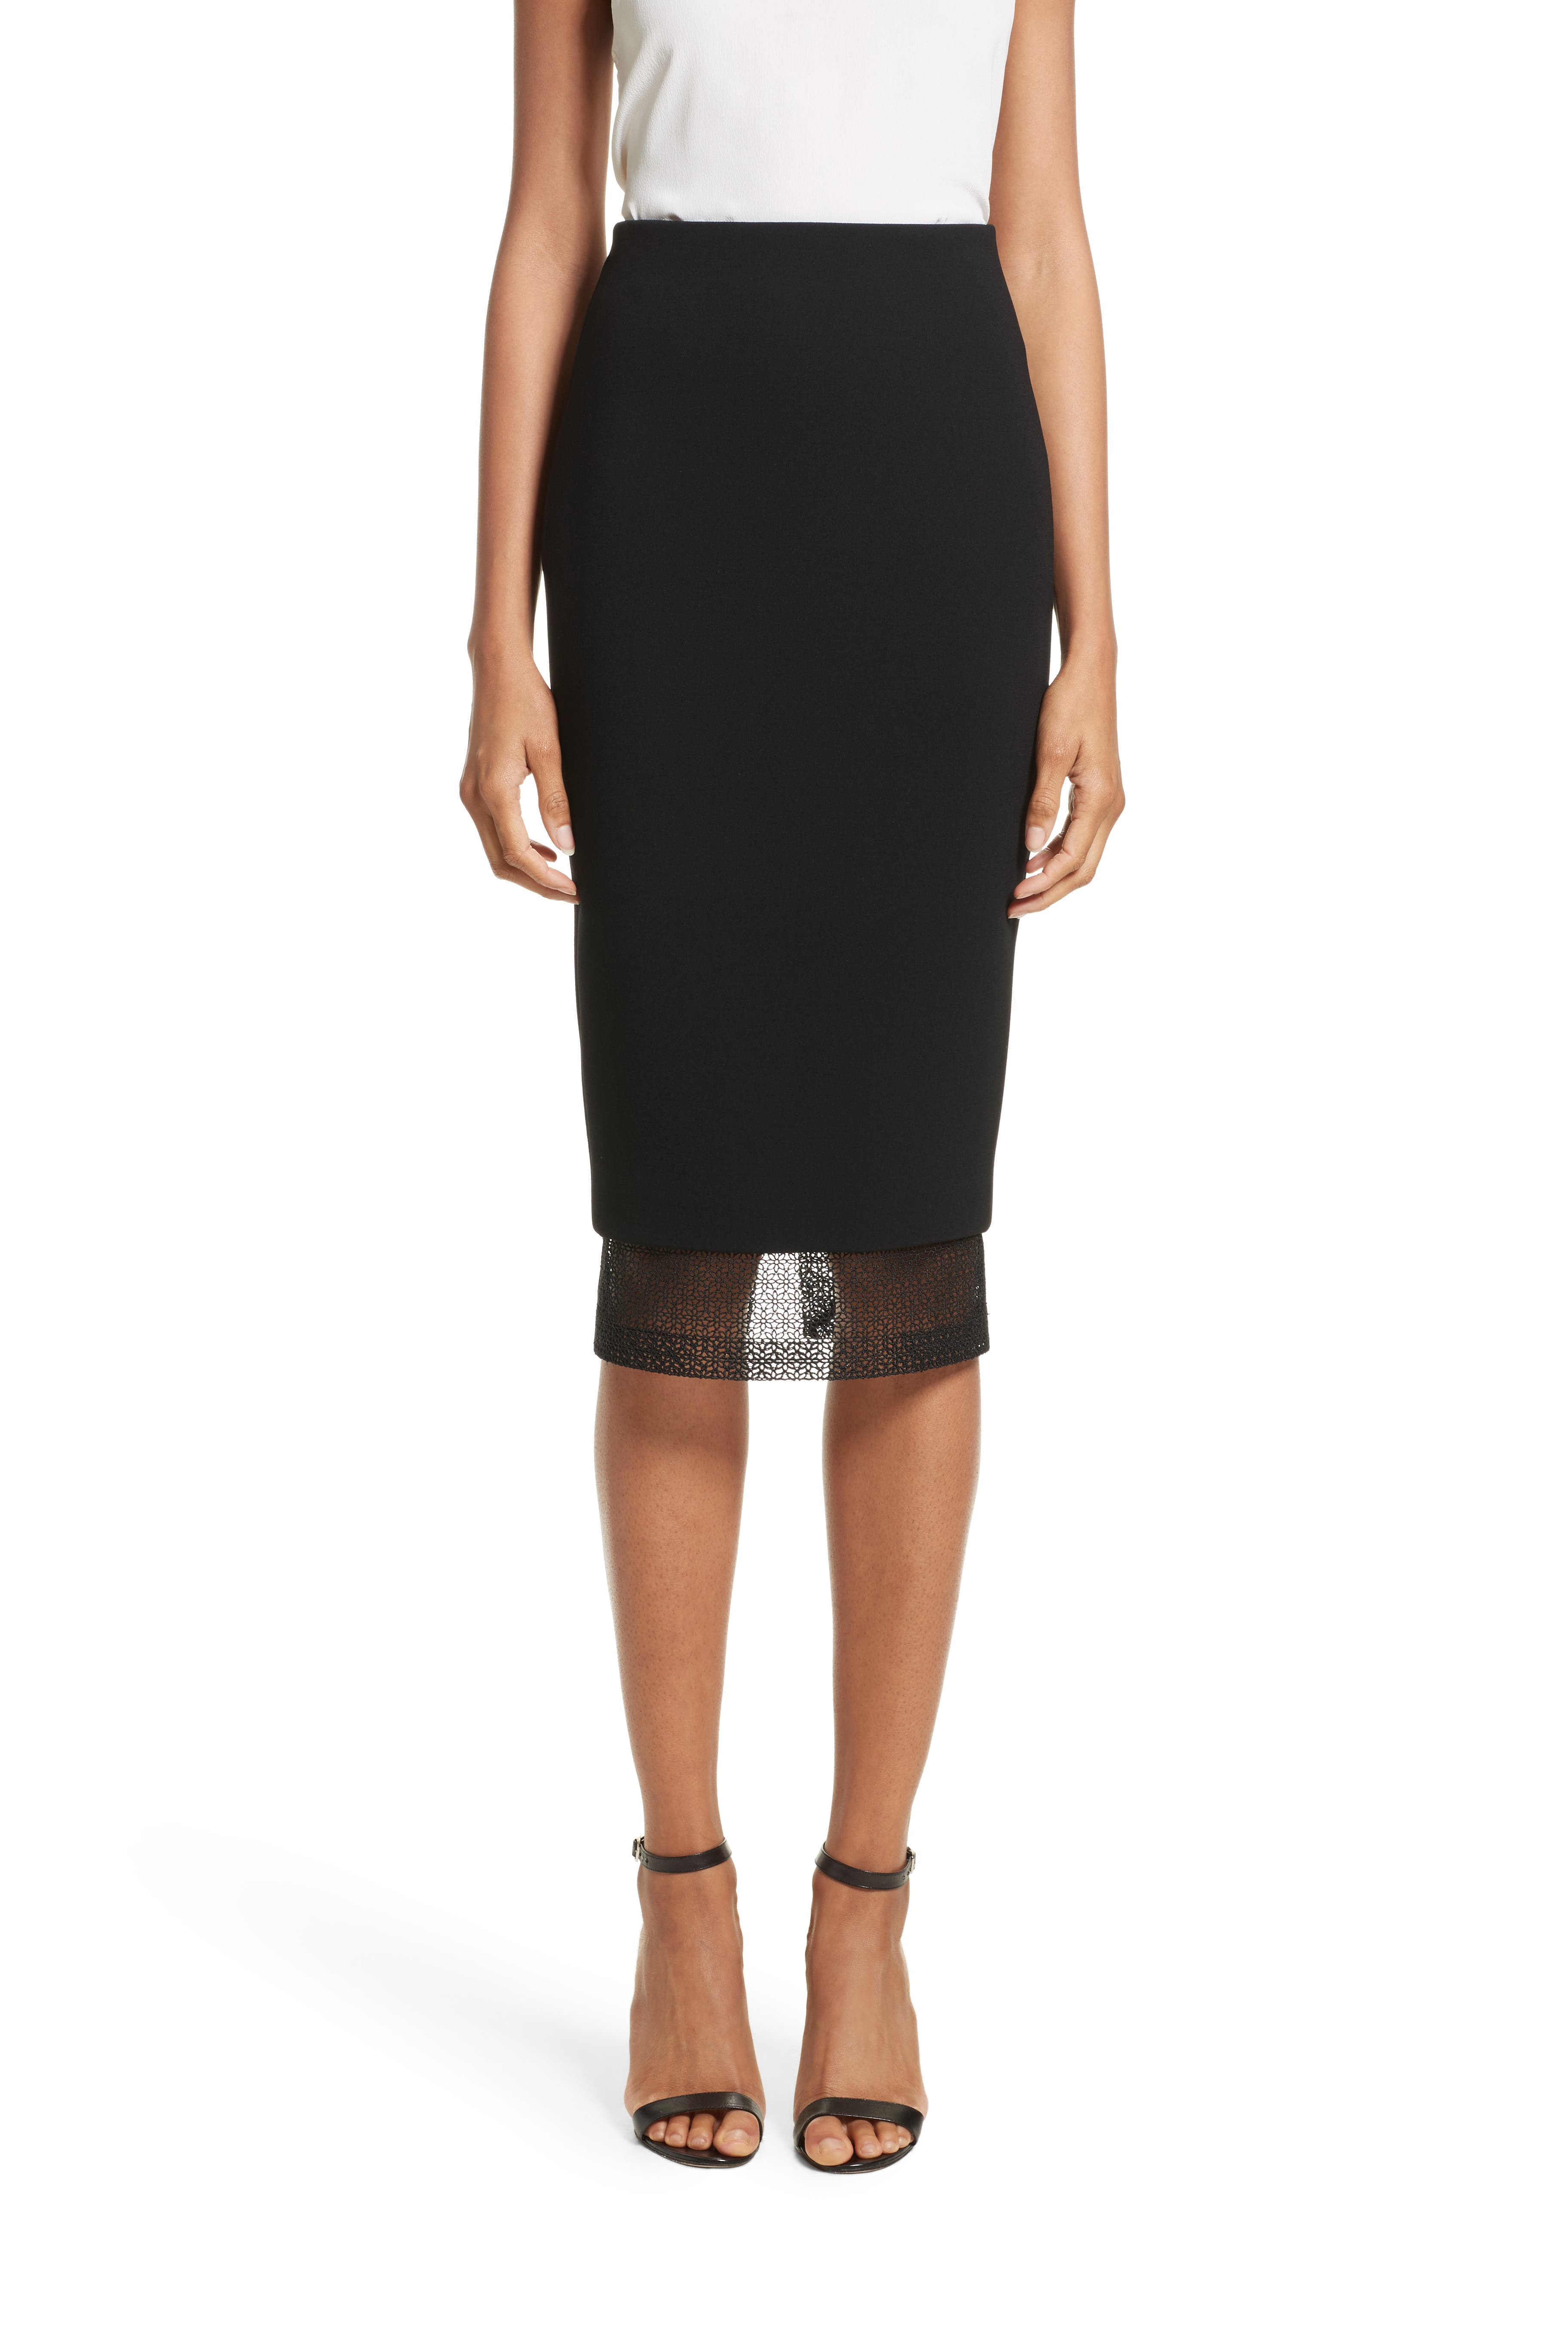 Lace Detail Pencil Skirt,                         Main,                         color, Black